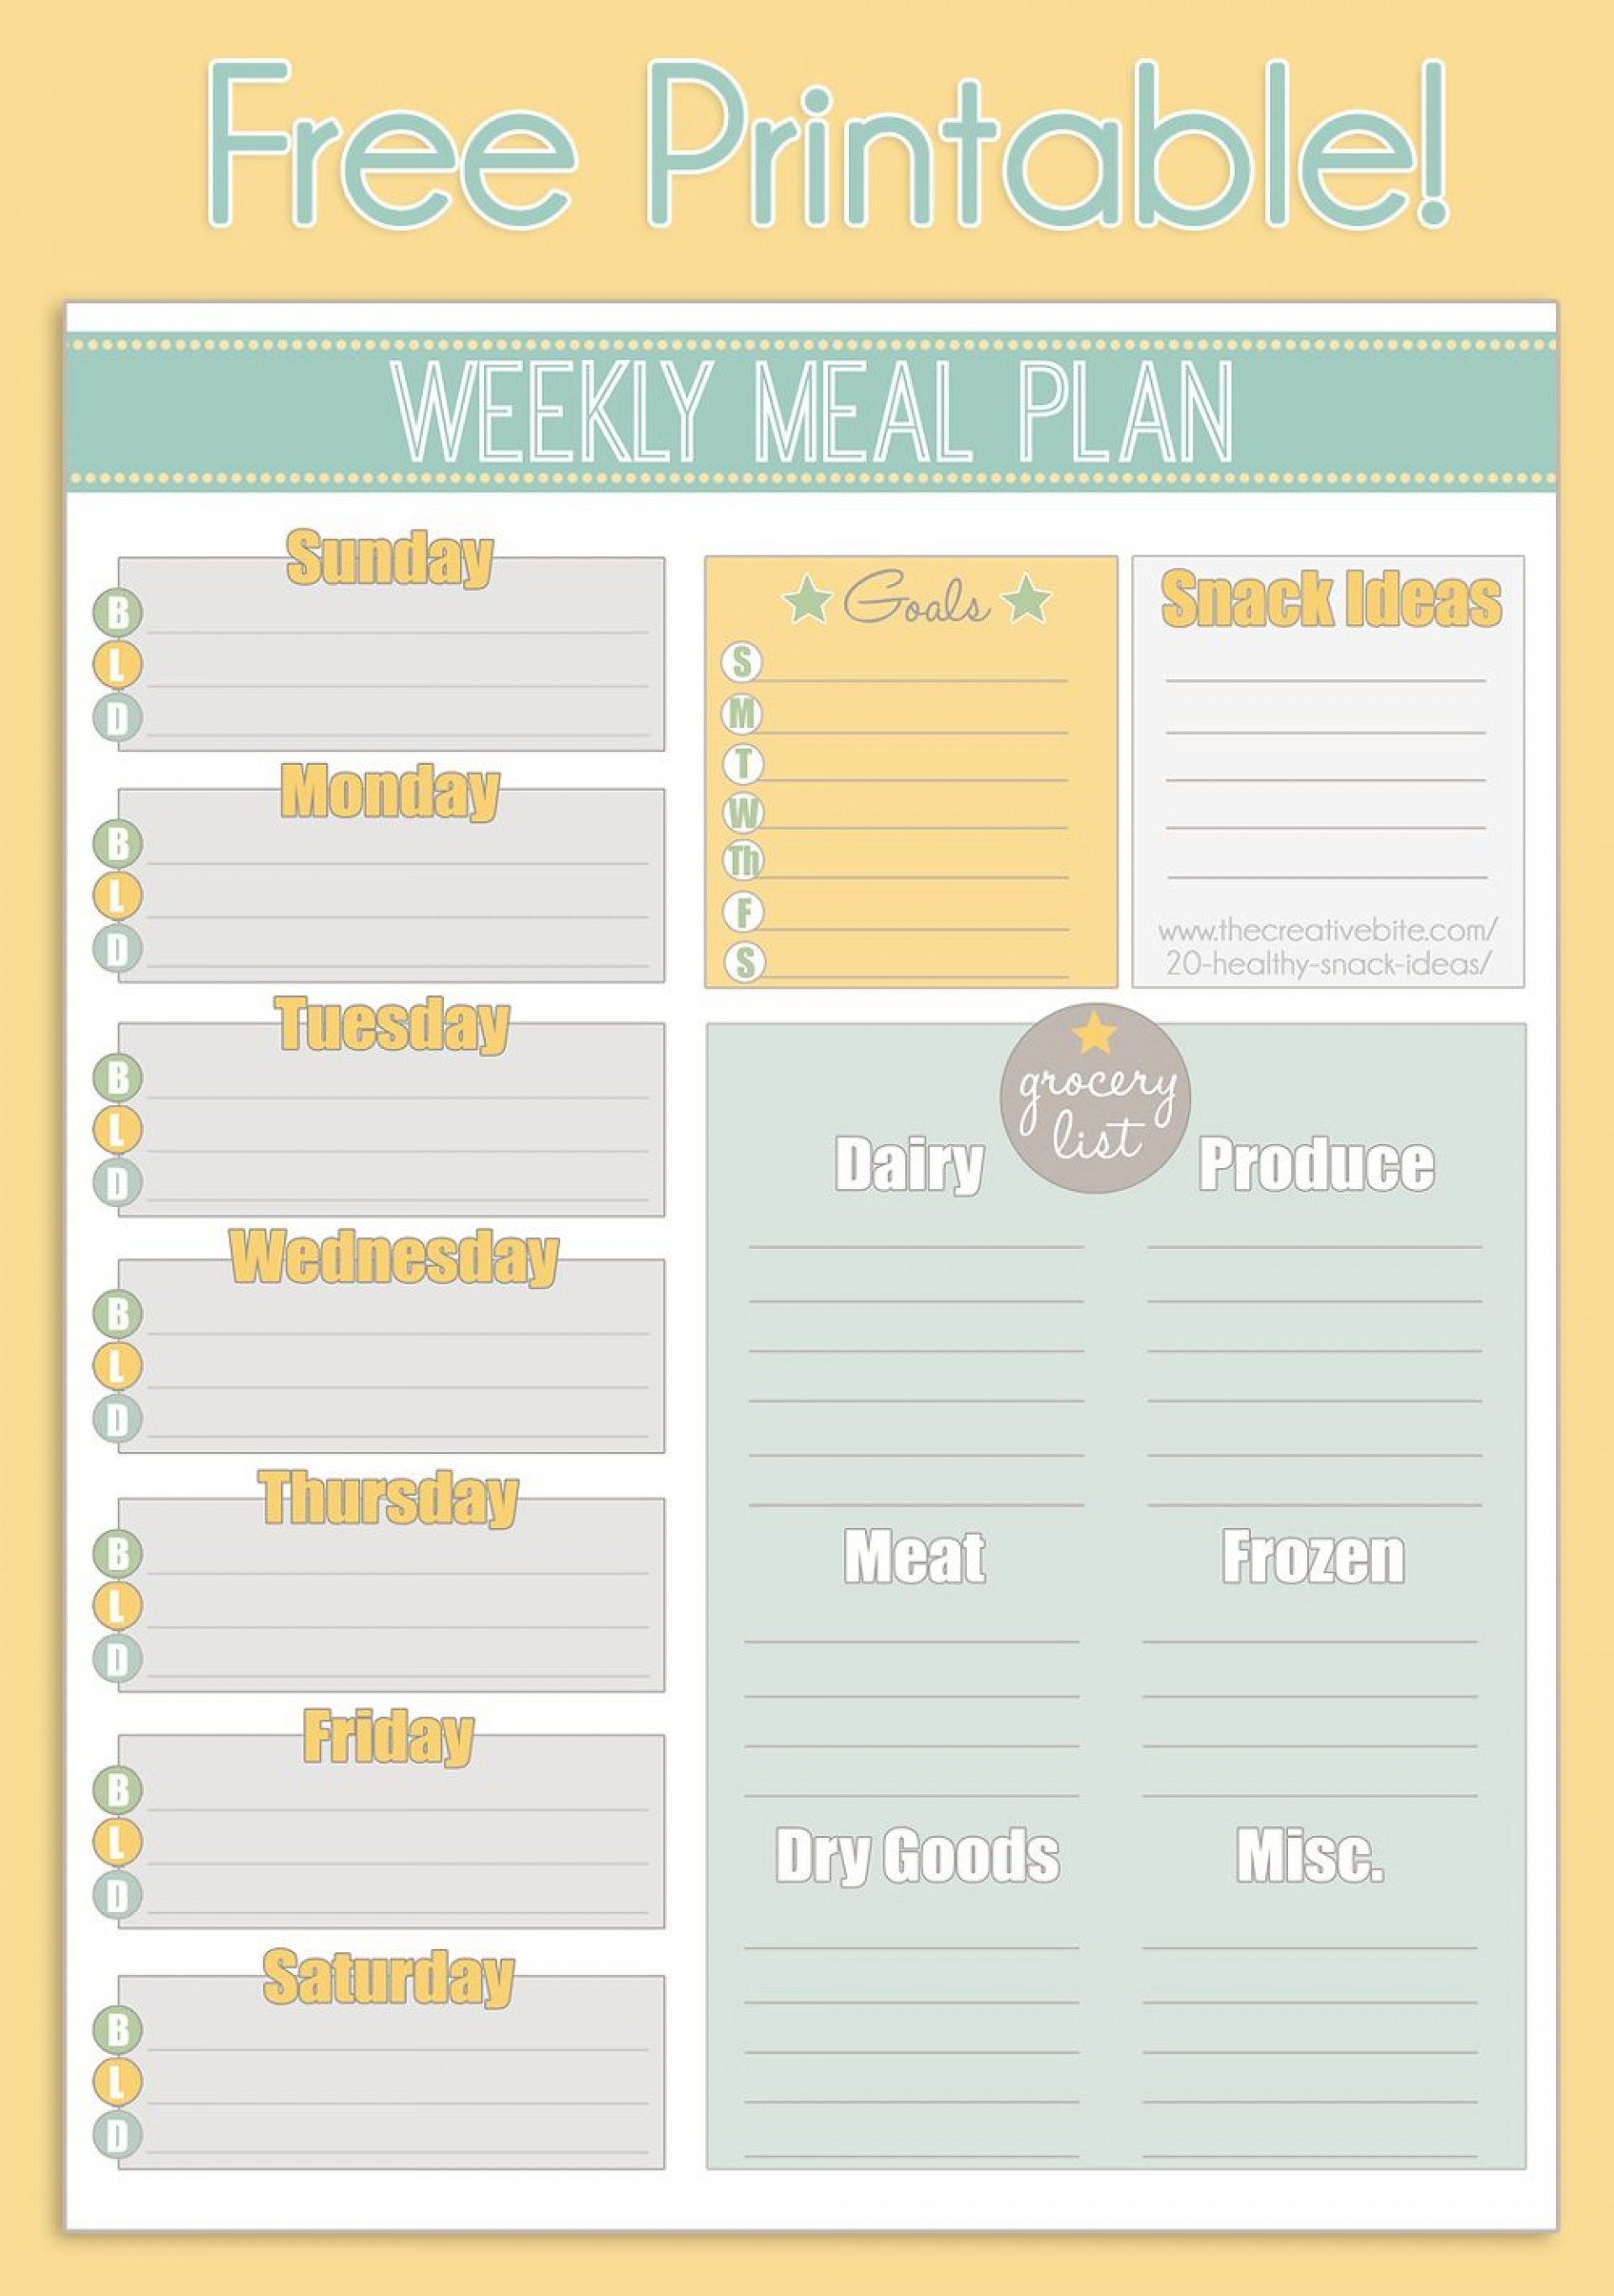 008 Striking Weekly Meal Plan Template App High Def  Apple Page1920